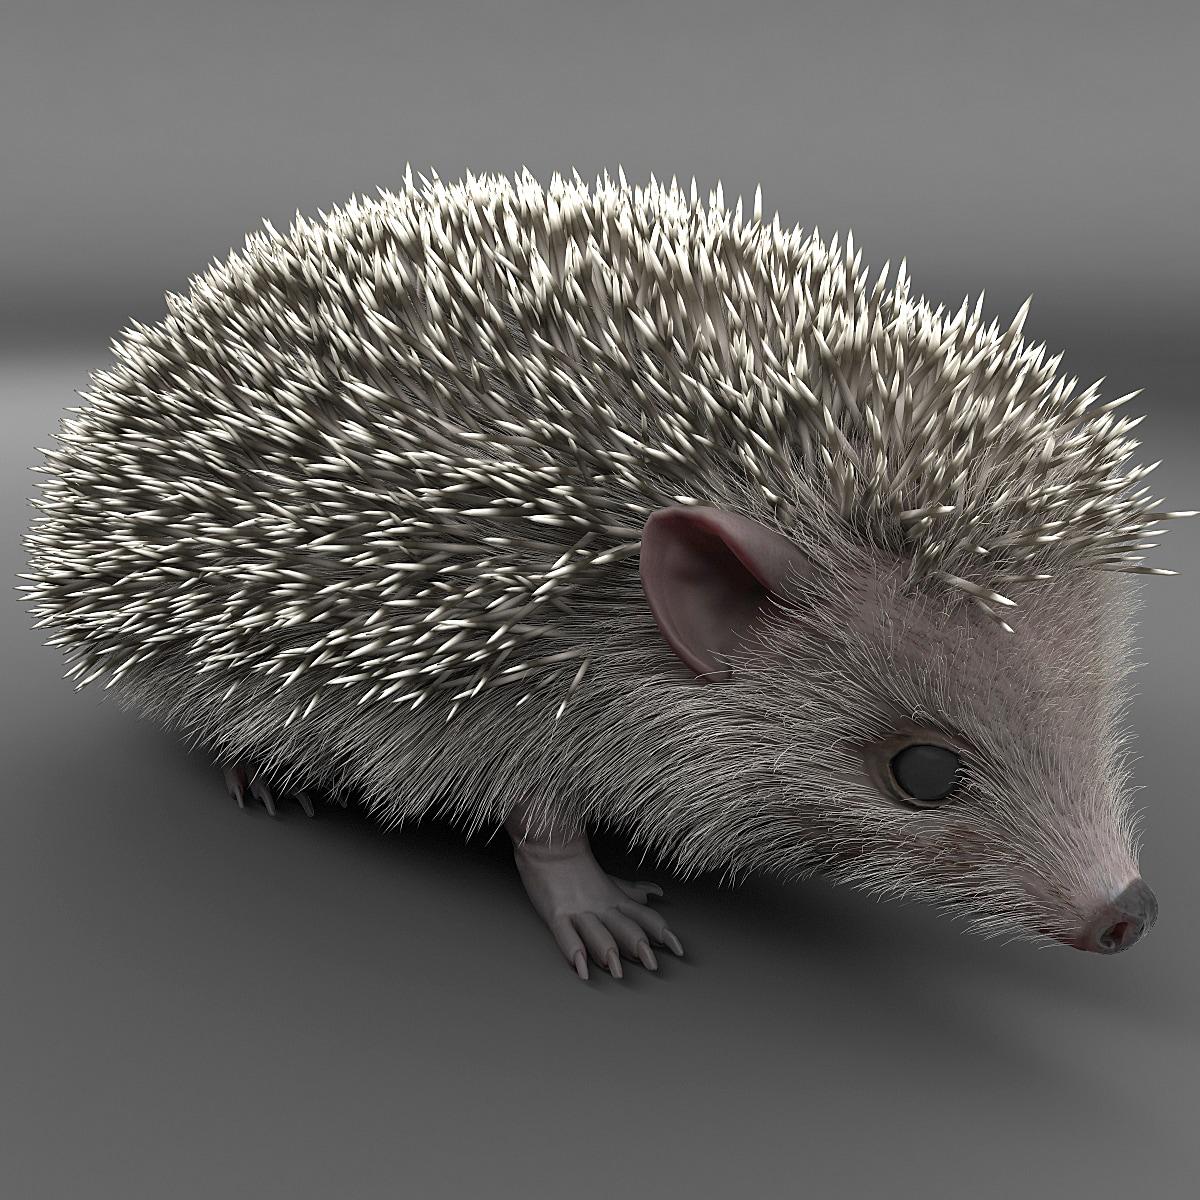 Hedgehog_001.jpg